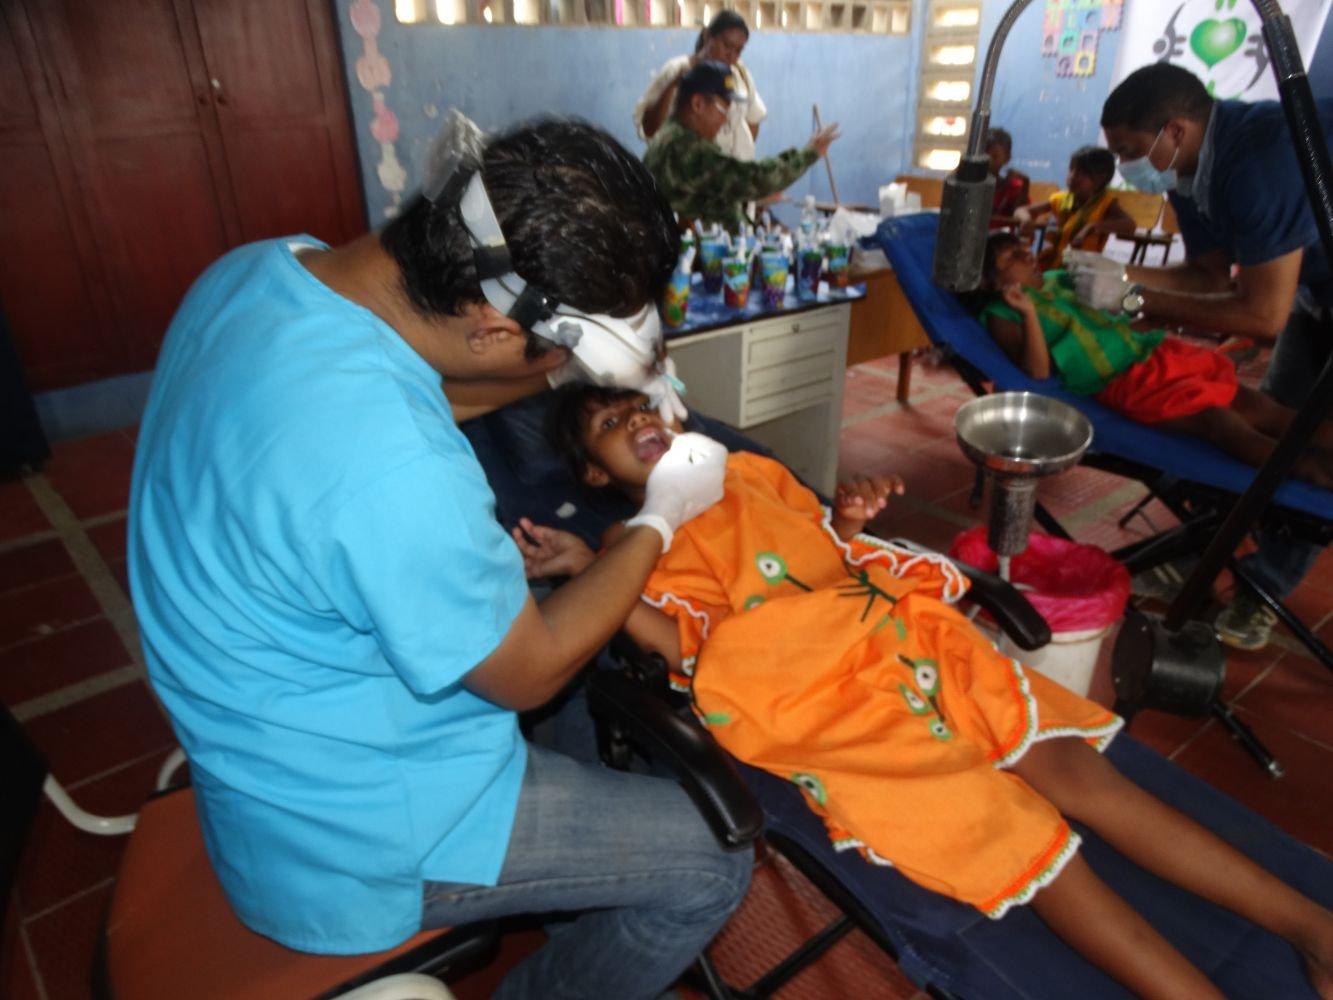 Colombian Navy Battles Childhood Malnutrition in La Guajira